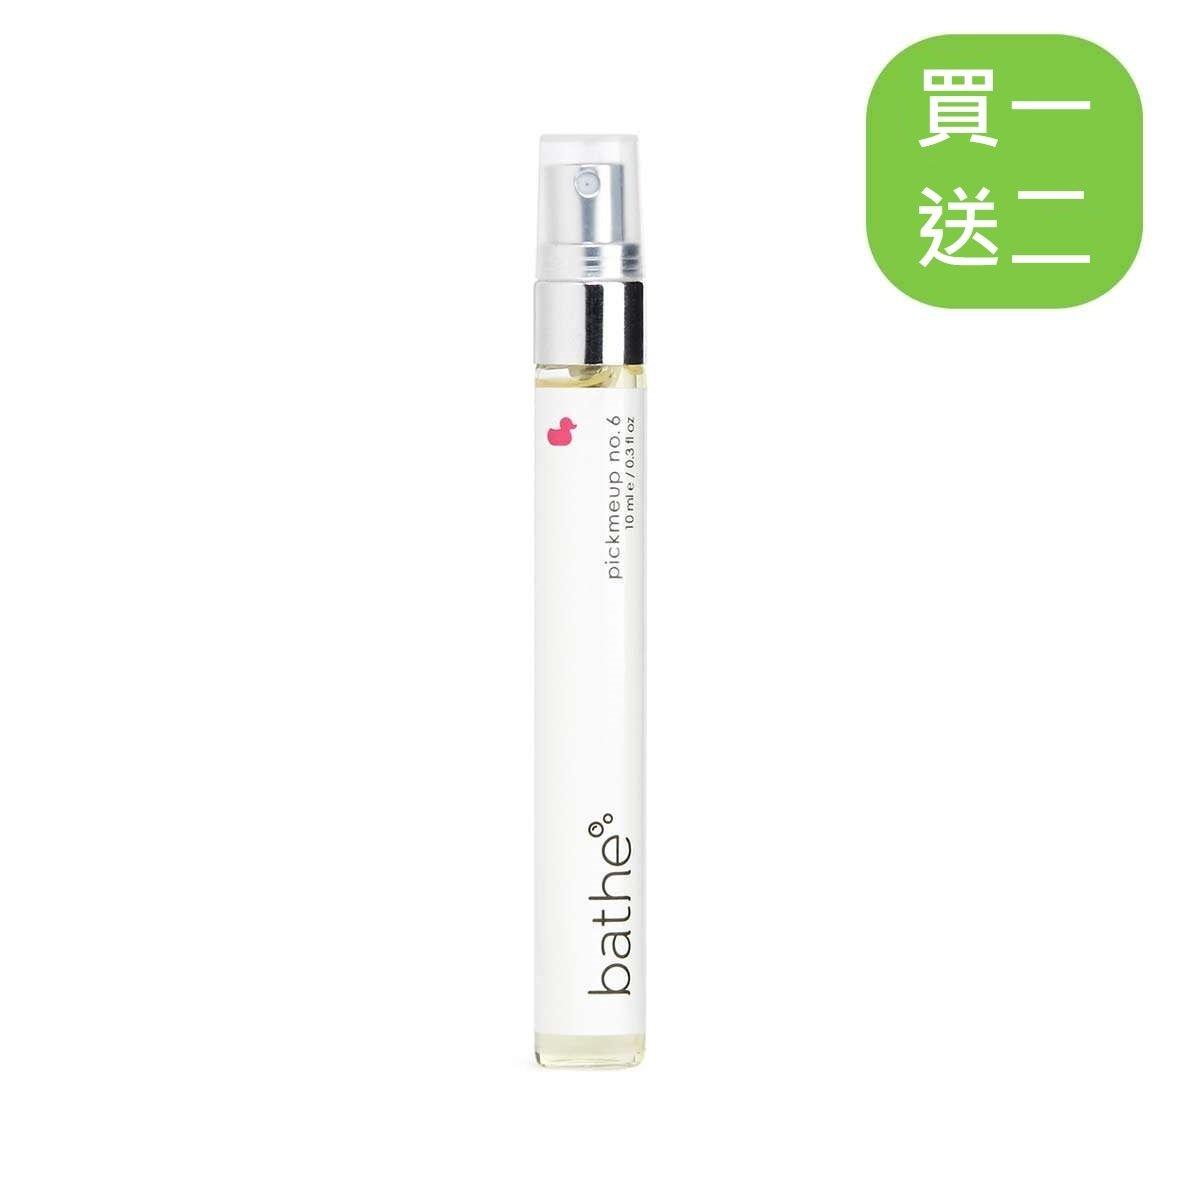 【買一送二】女士香水No.6 (苿莉) (10毫升)